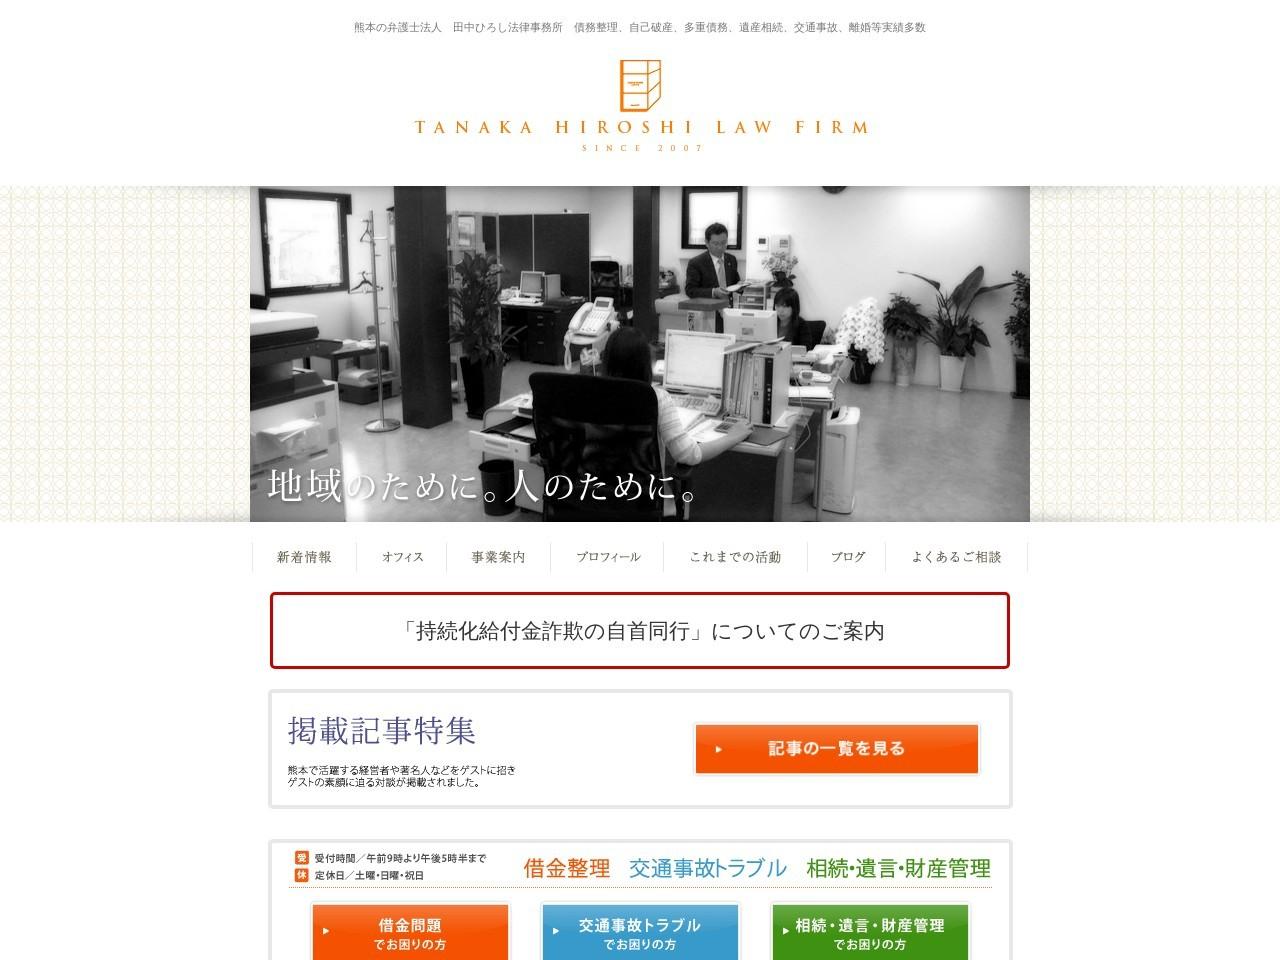 田中ひろし法律事務所(弁護士法人)